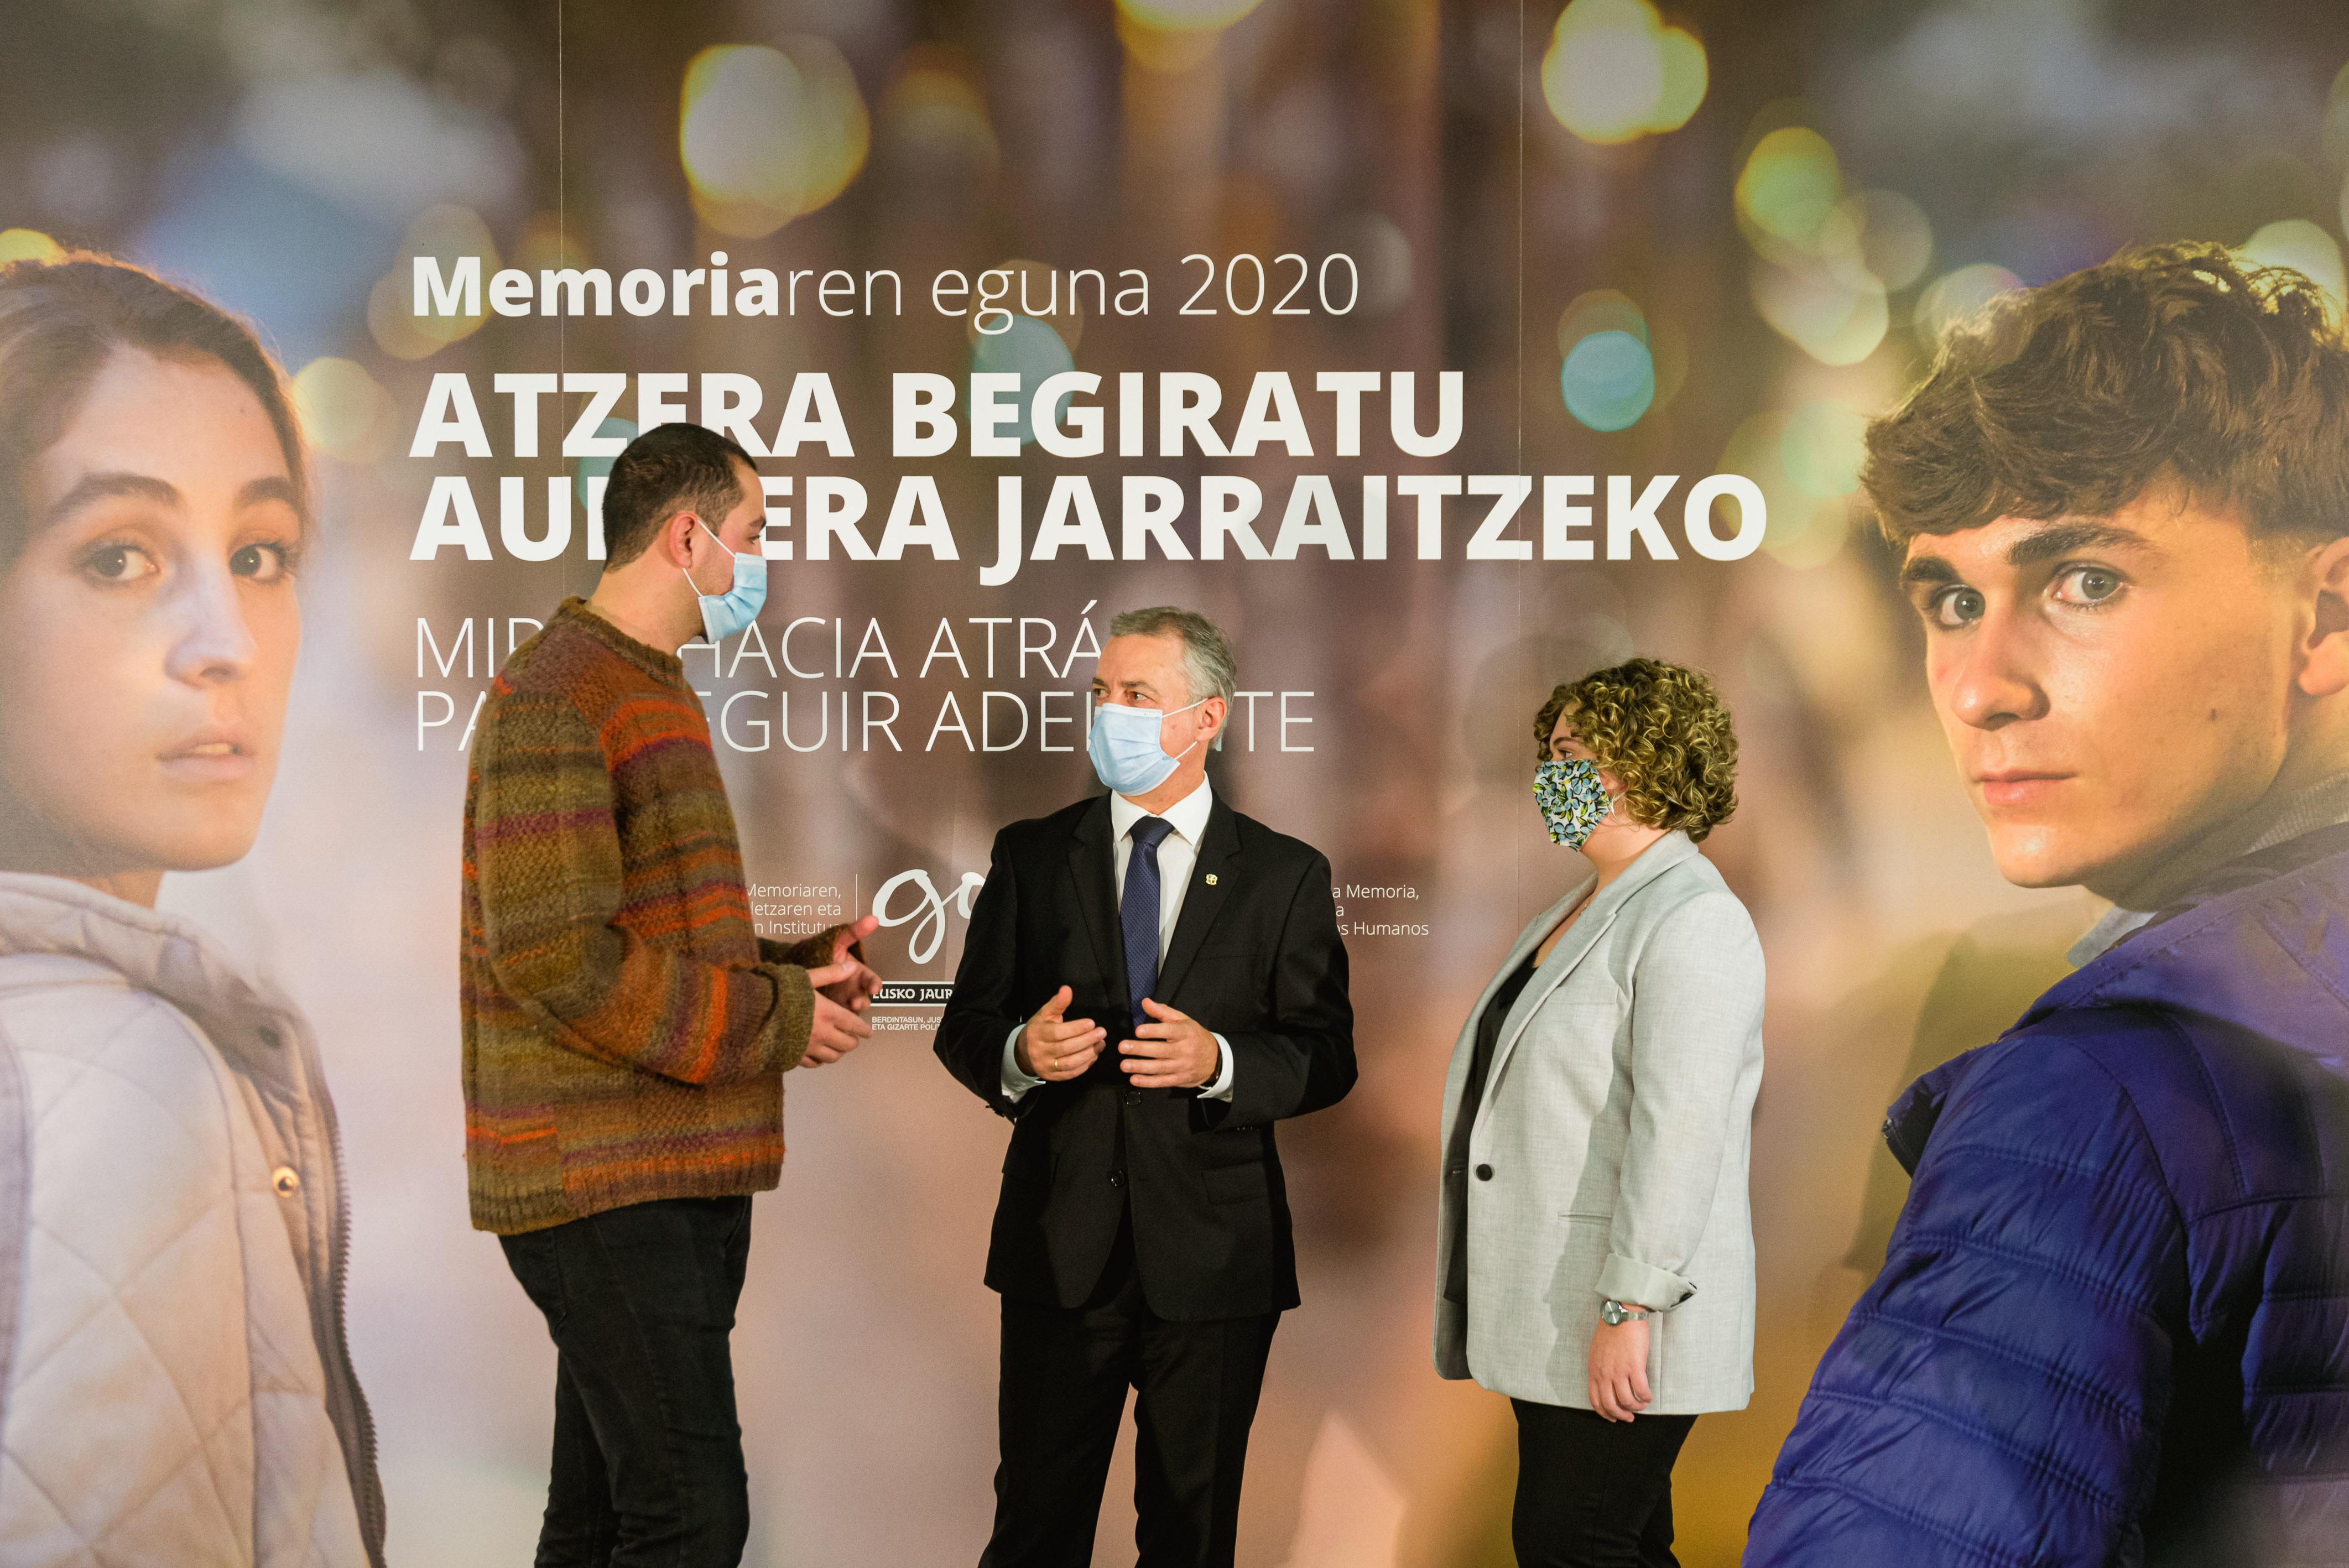 """Lehendakariak, memoria egunean, gazteek """"Euskadiren memoria hurbila ezagutzeko"""" duten eskubidea nabarmendu du [0:00]"""